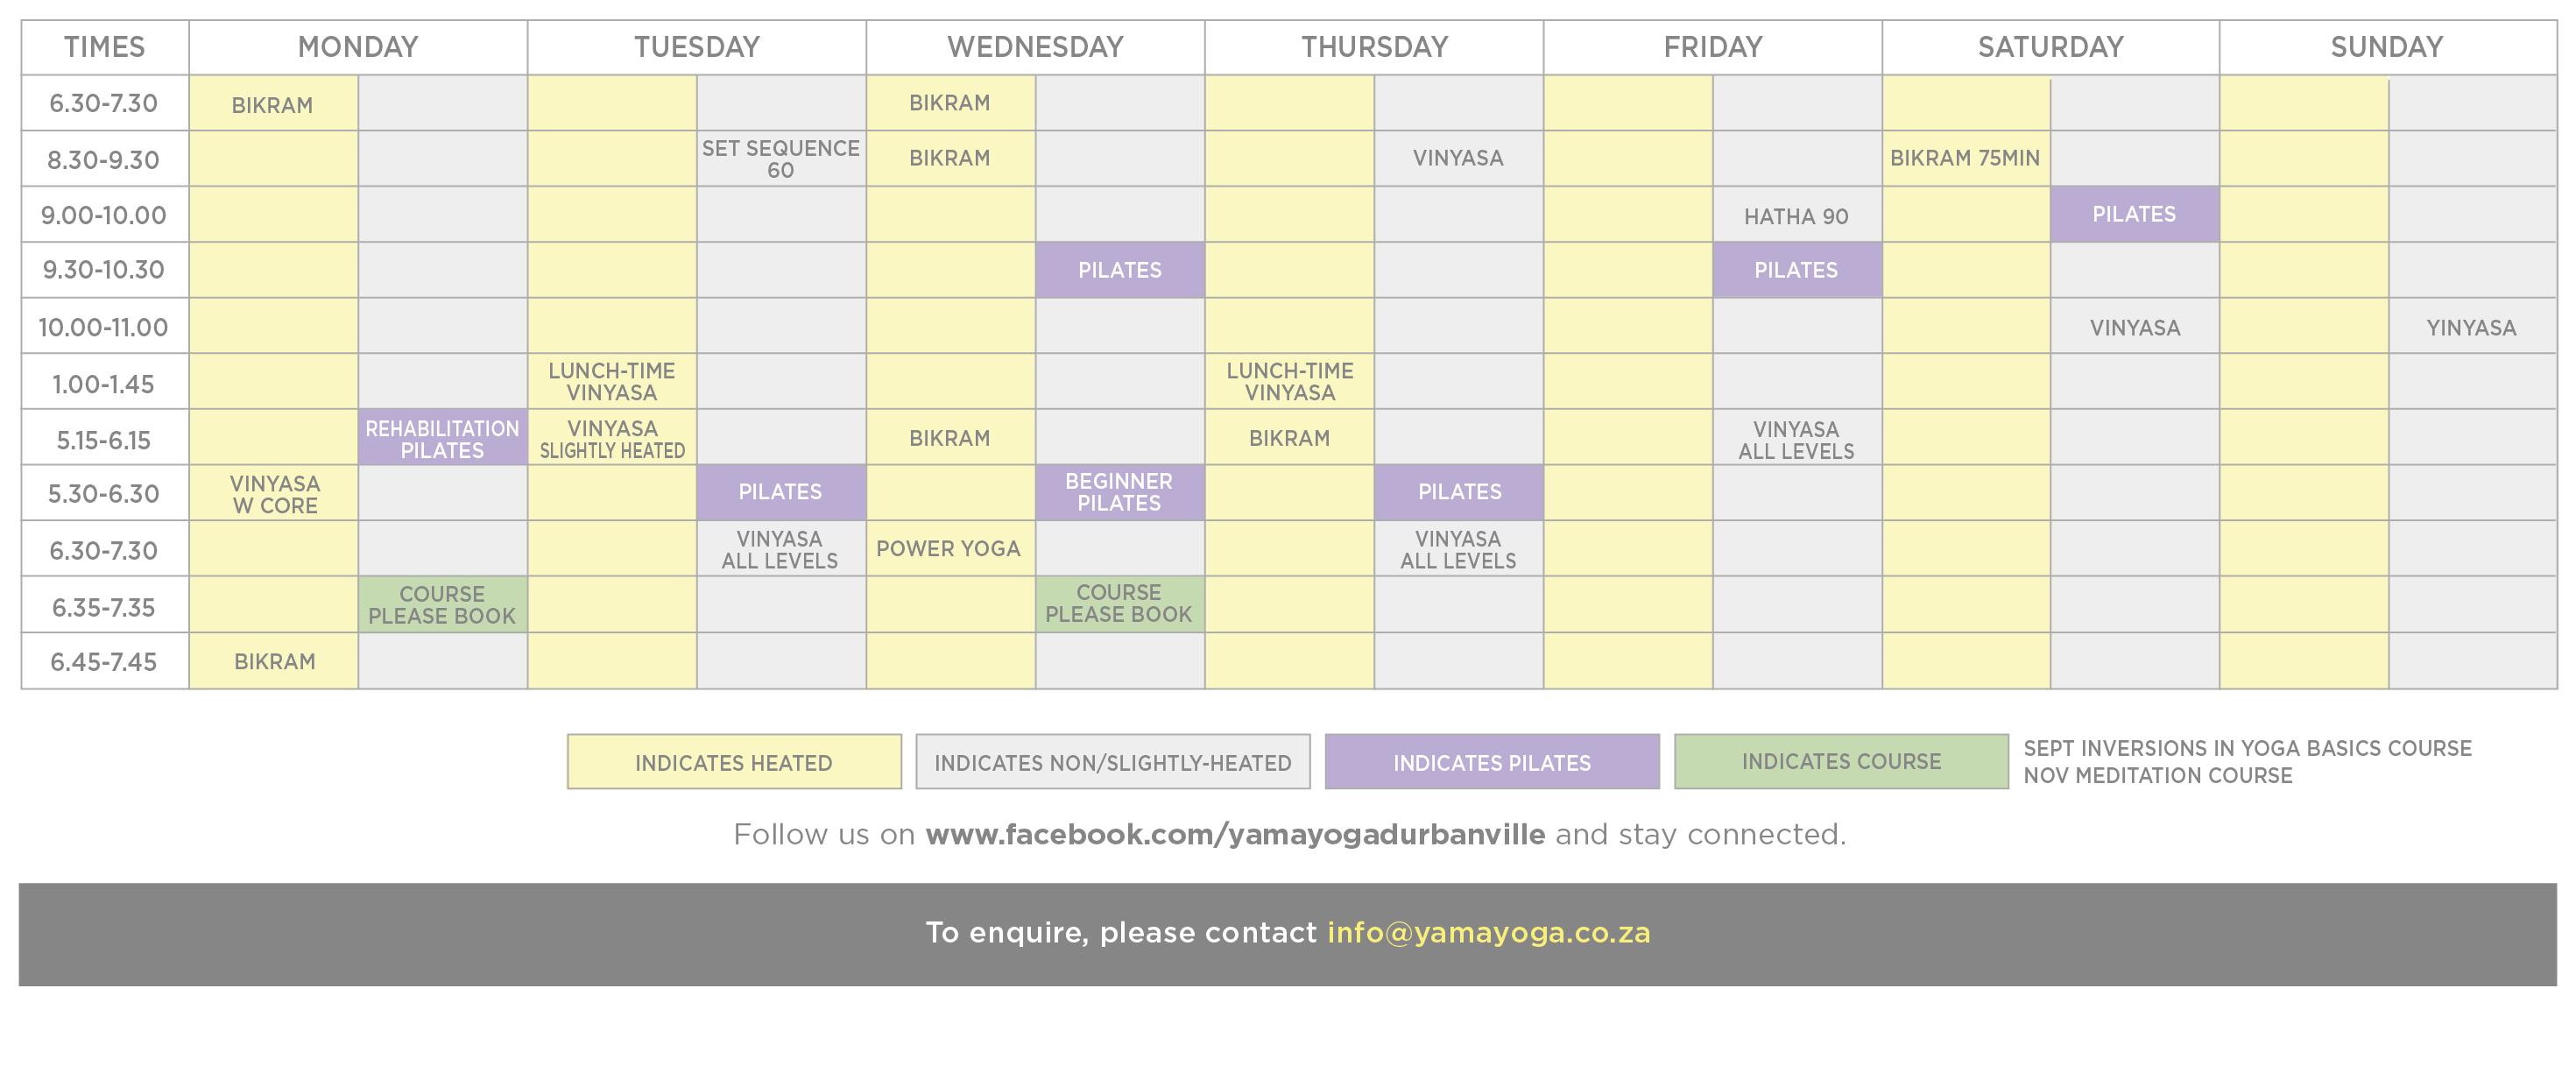 yama-yoga-schedule-web-oct-2018